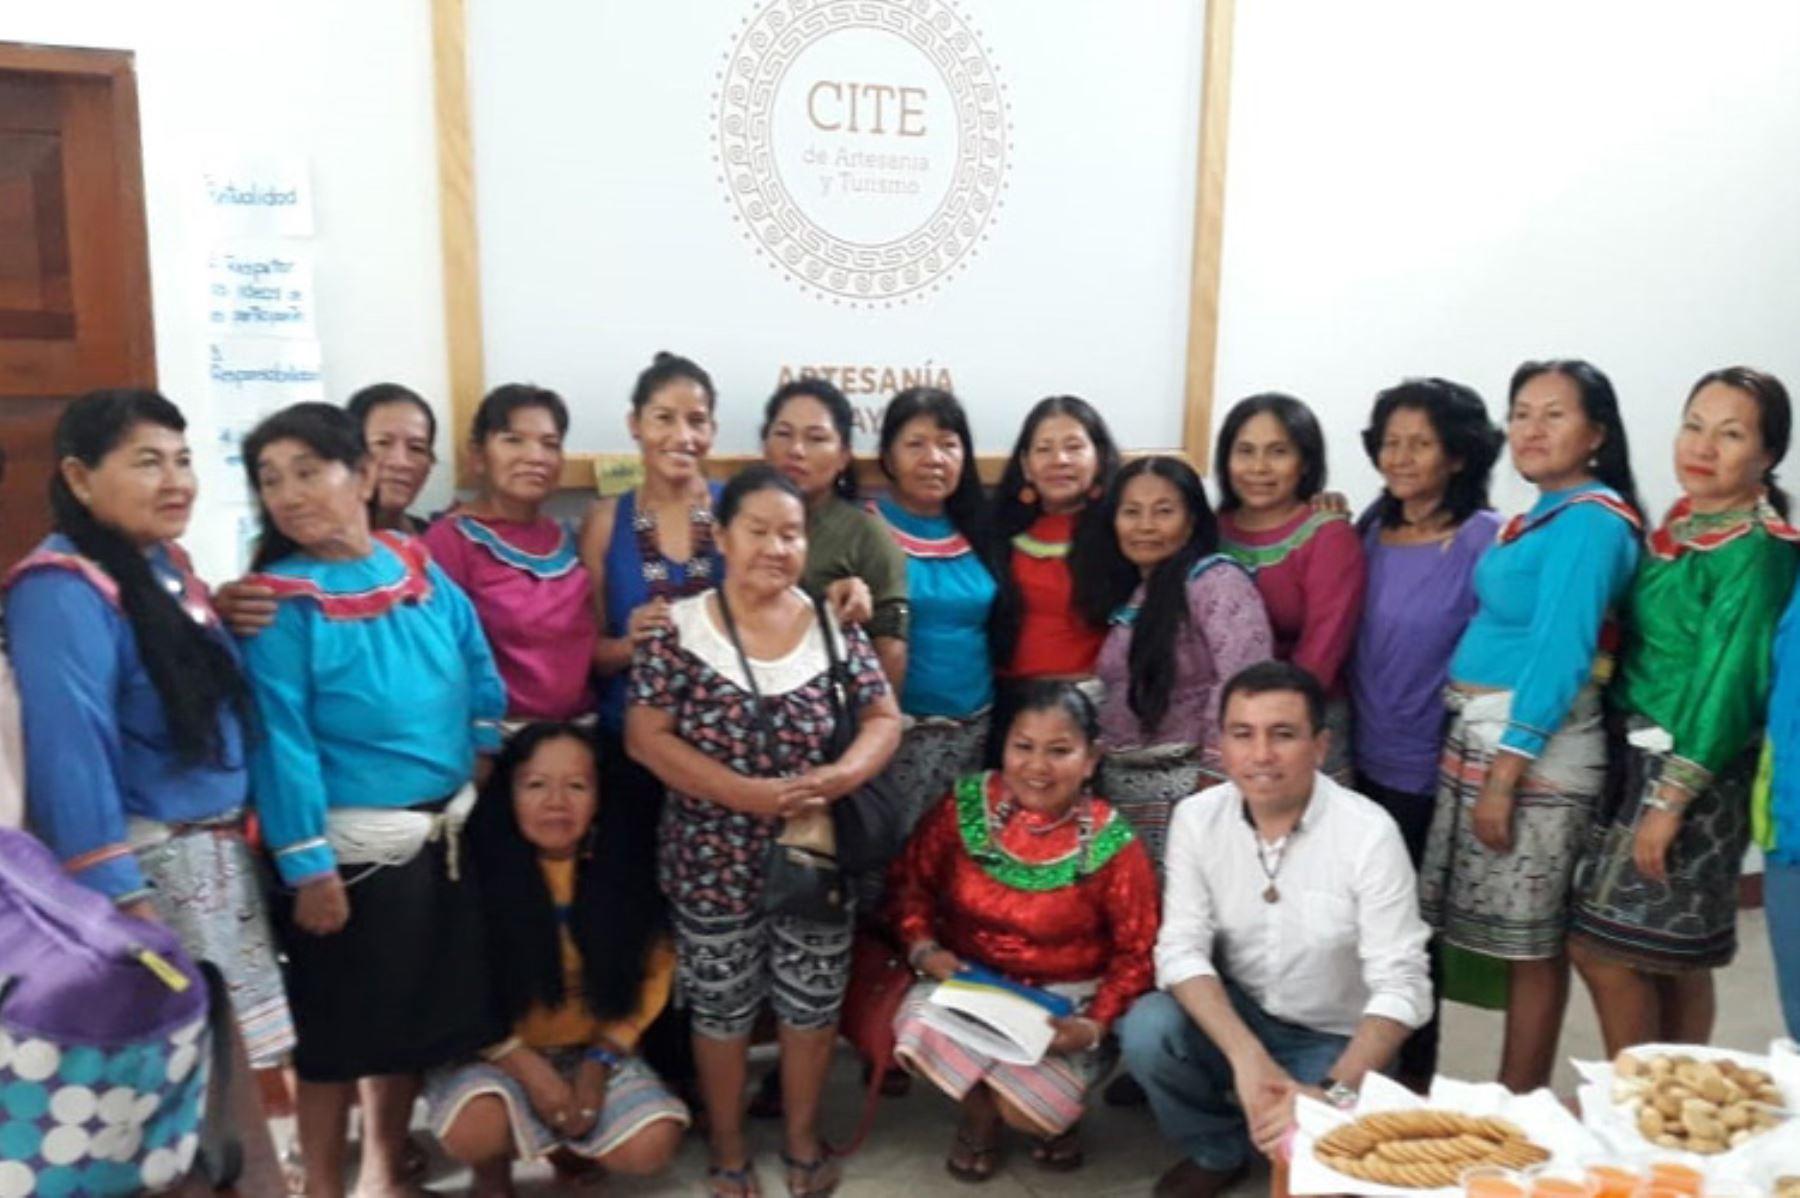 Las artesanas textiles de la Amazonía serán certificadas en sus lenguas originarias, para impulsar la producción de diseños textiles.